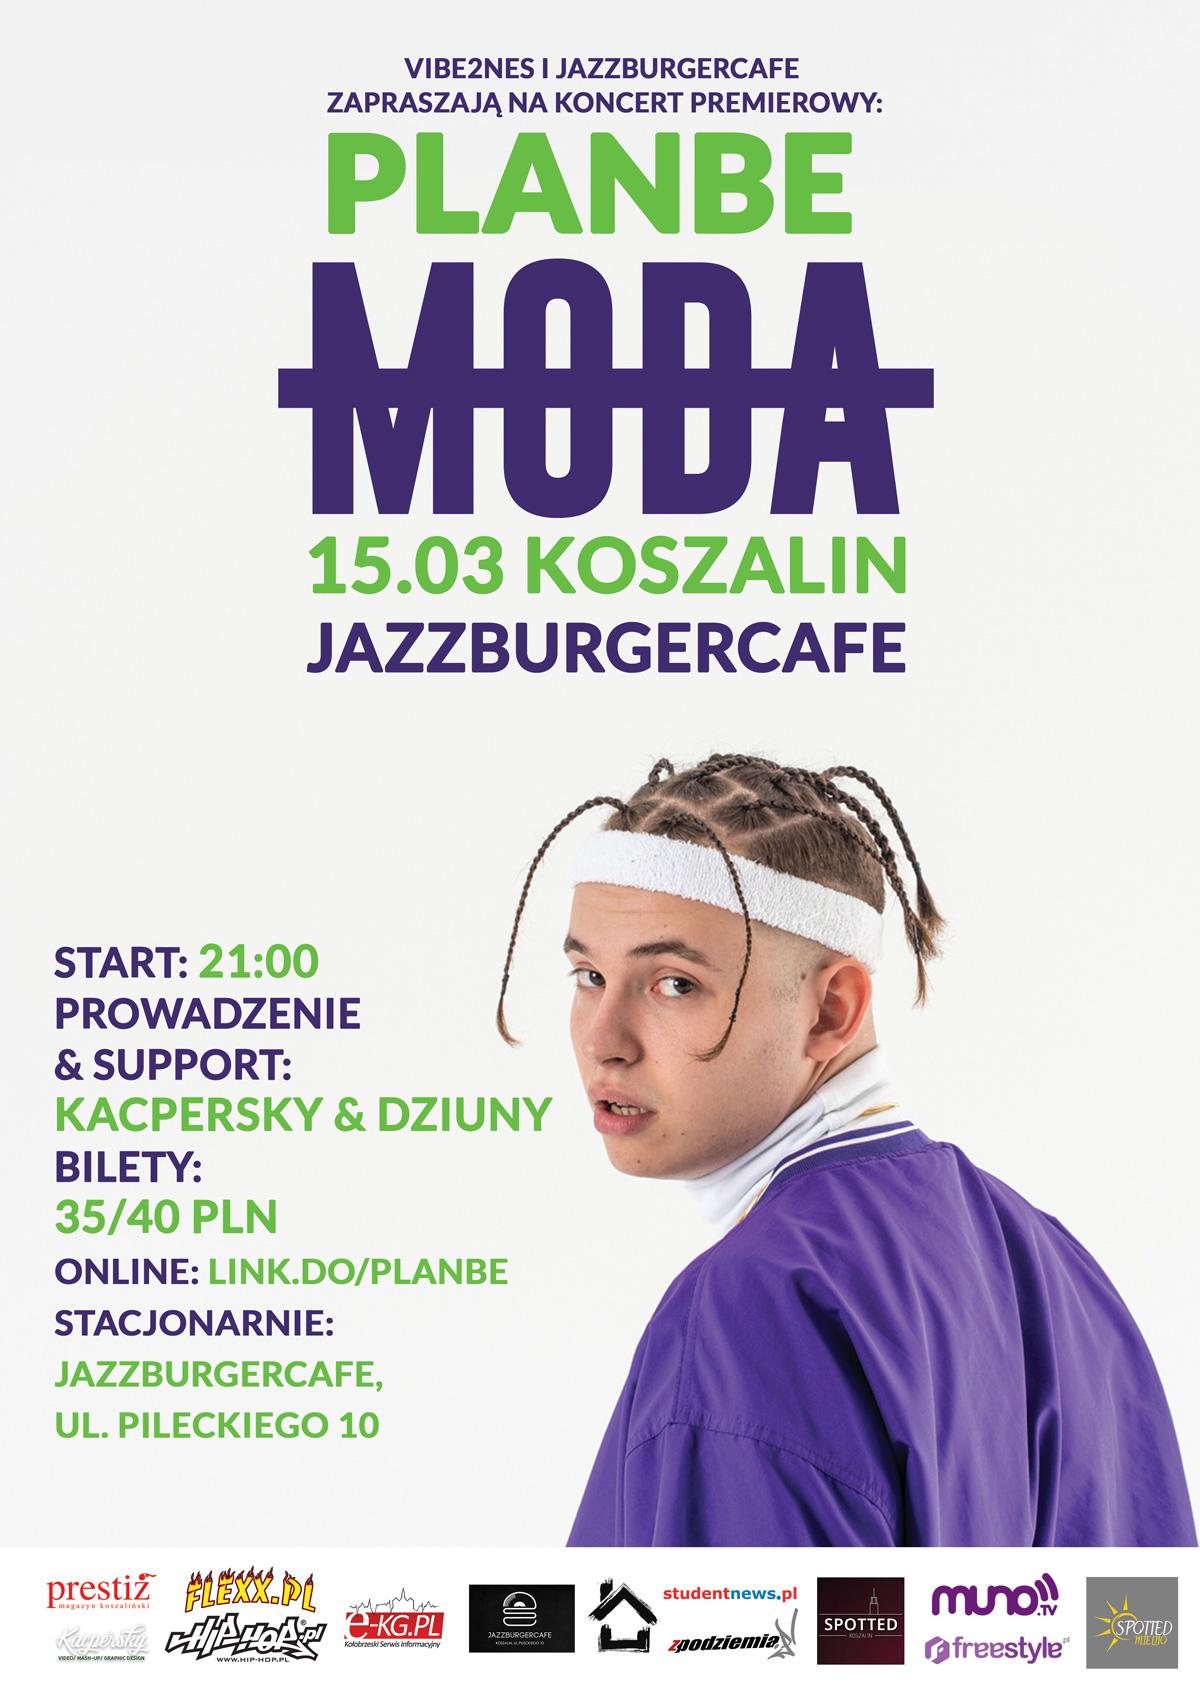 Koncert premierowy rapera PLANBE w Koszalinie